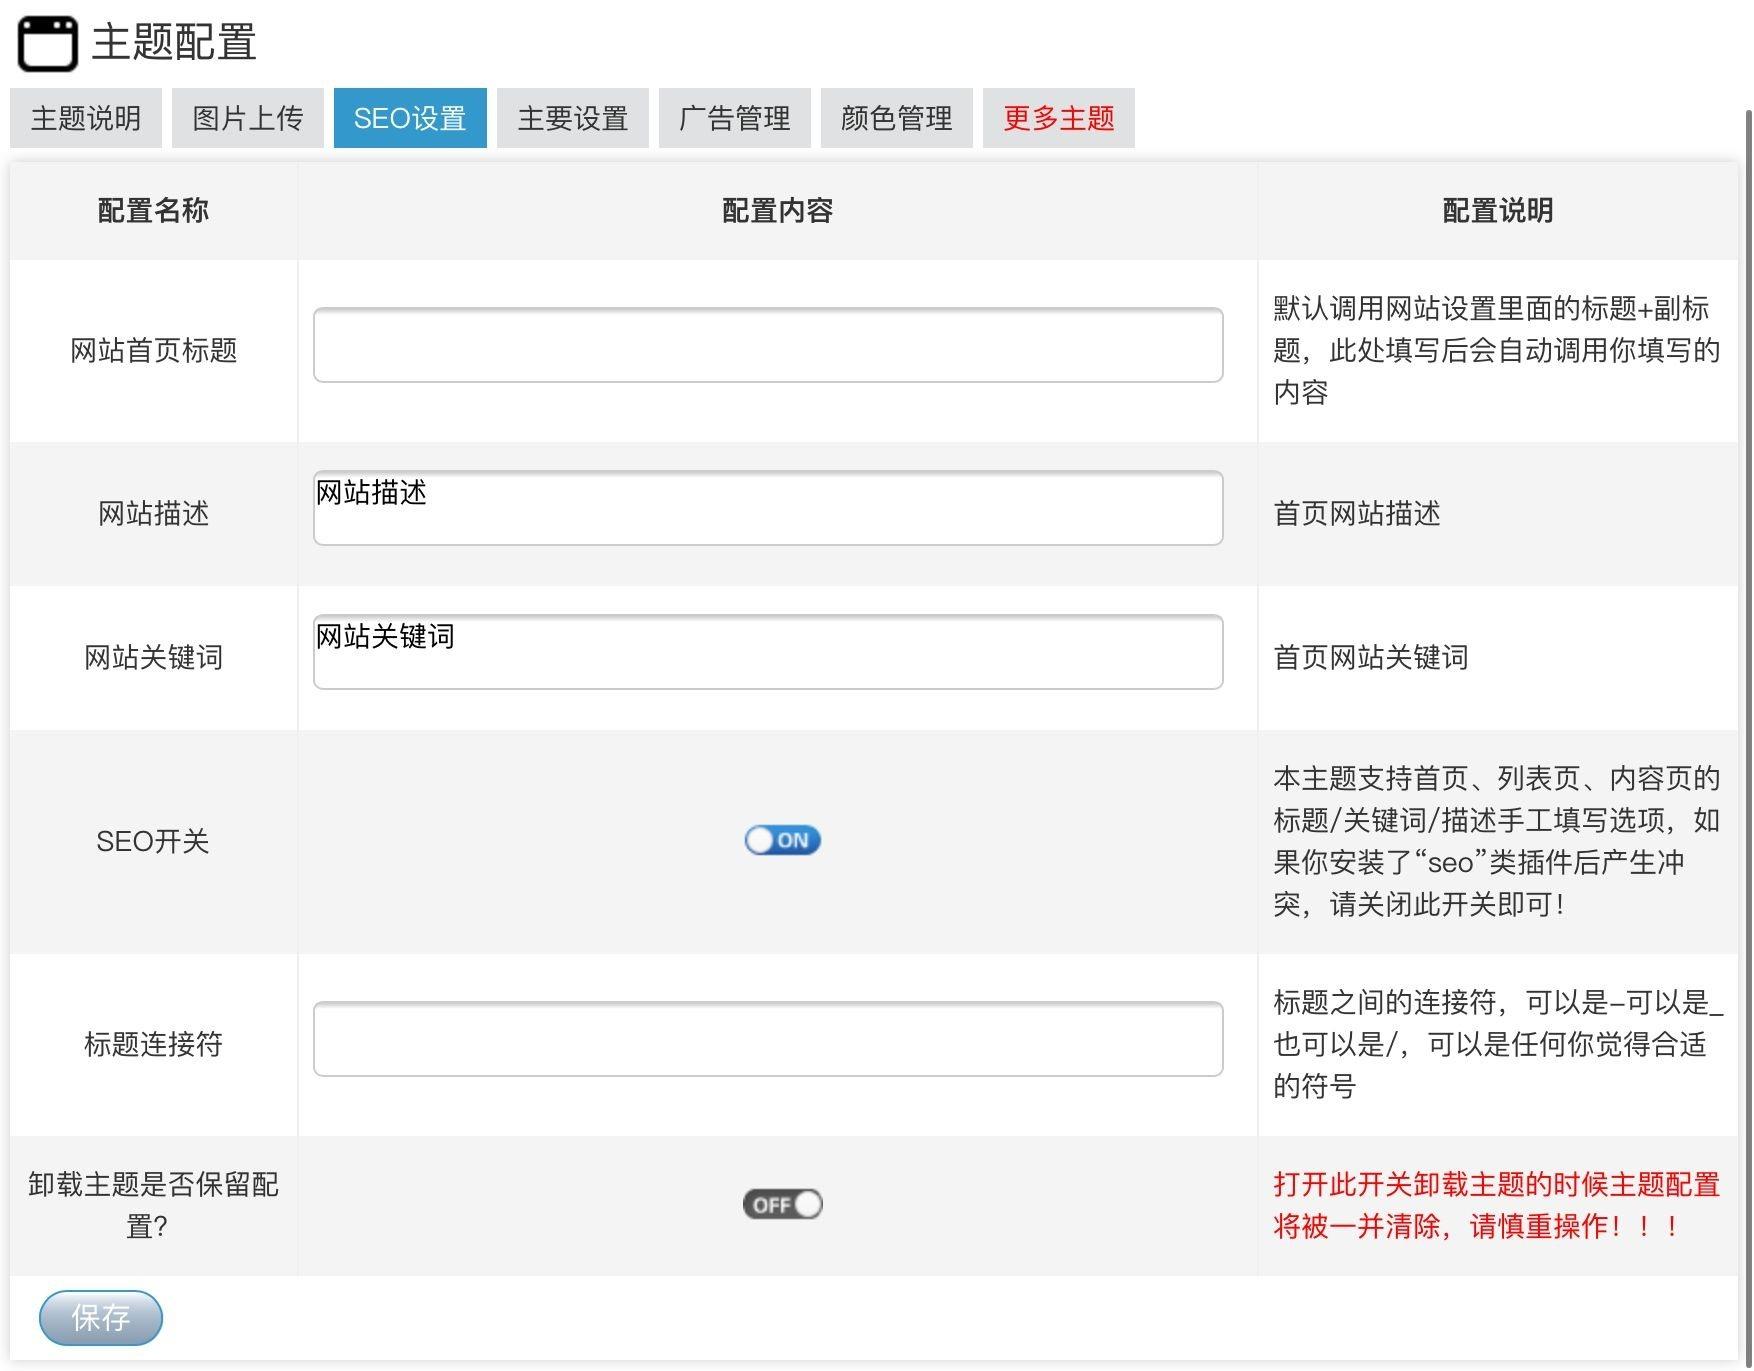 【【网站服务】新闻类网站,高仿某日头条,一条龙搭建】图2